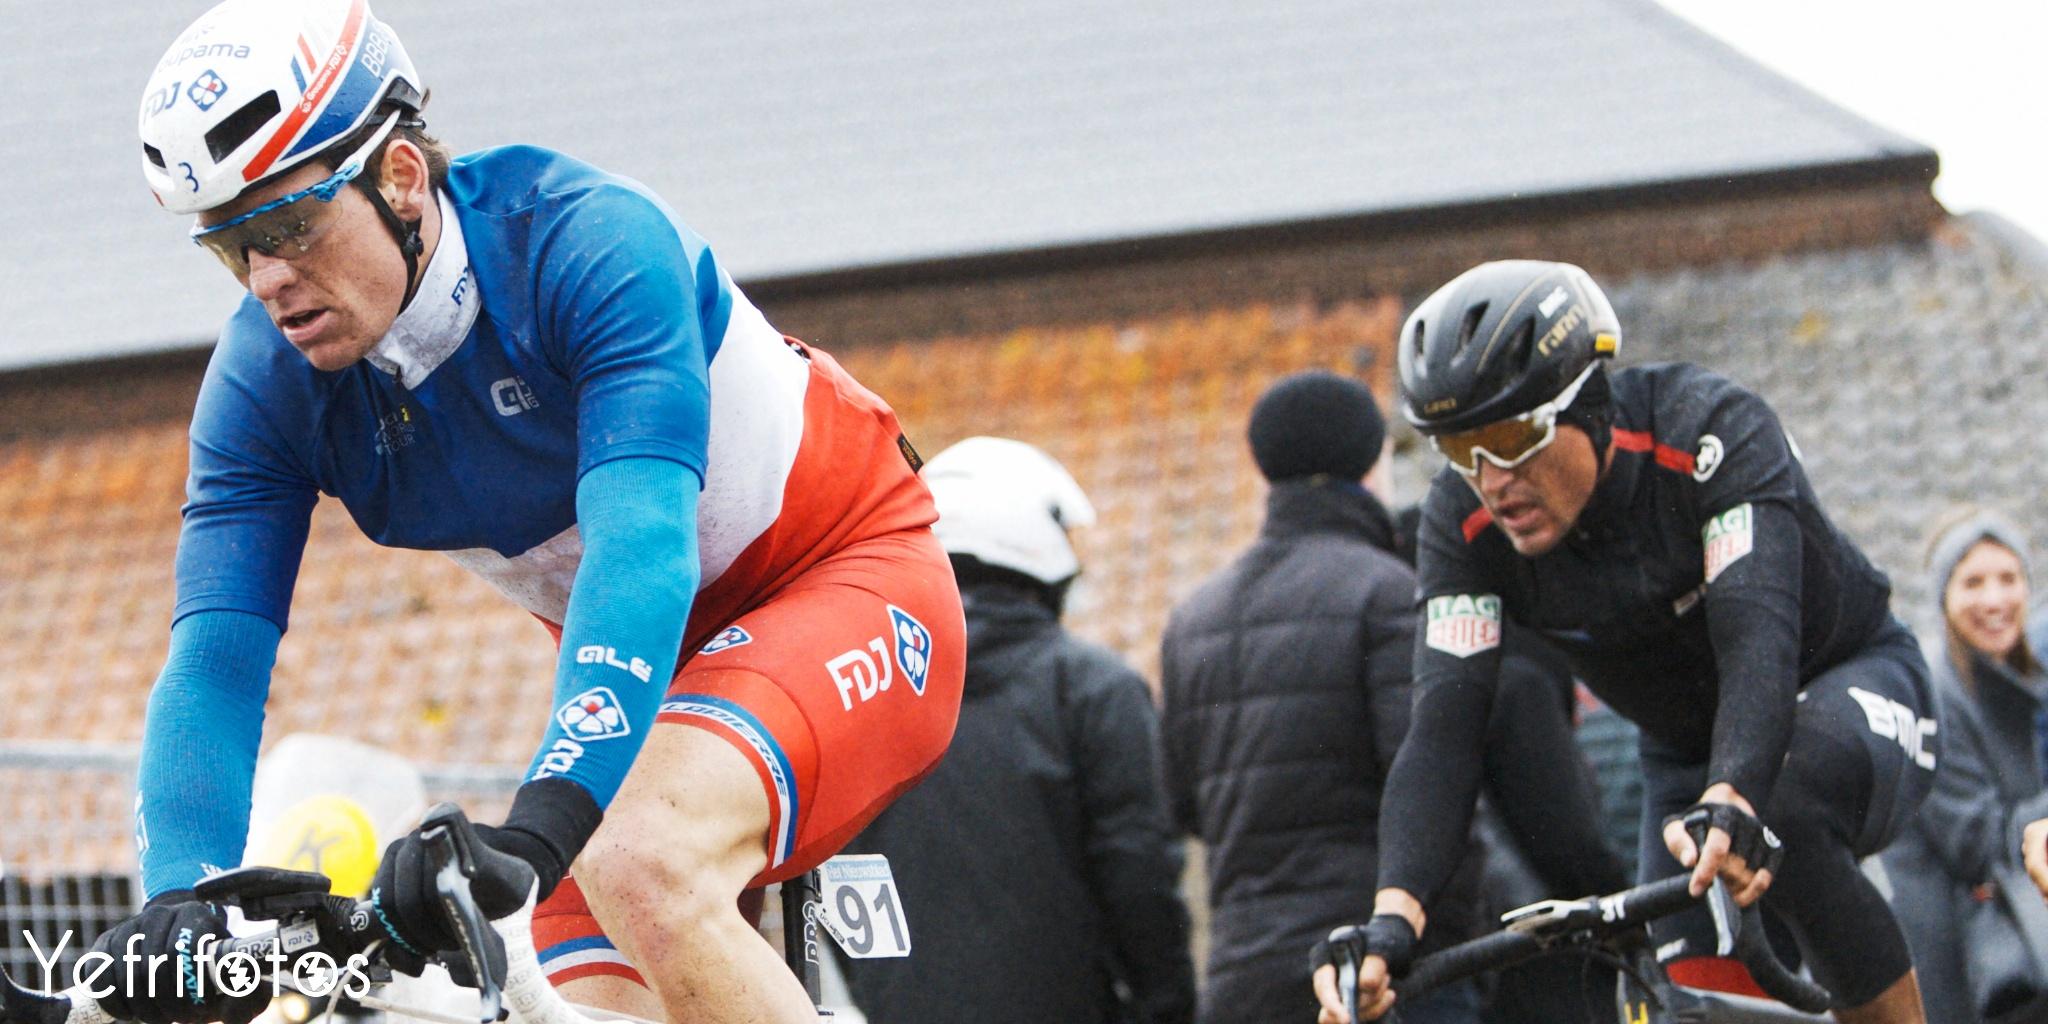 Tour des Flandres Ronde van Vlaanderen